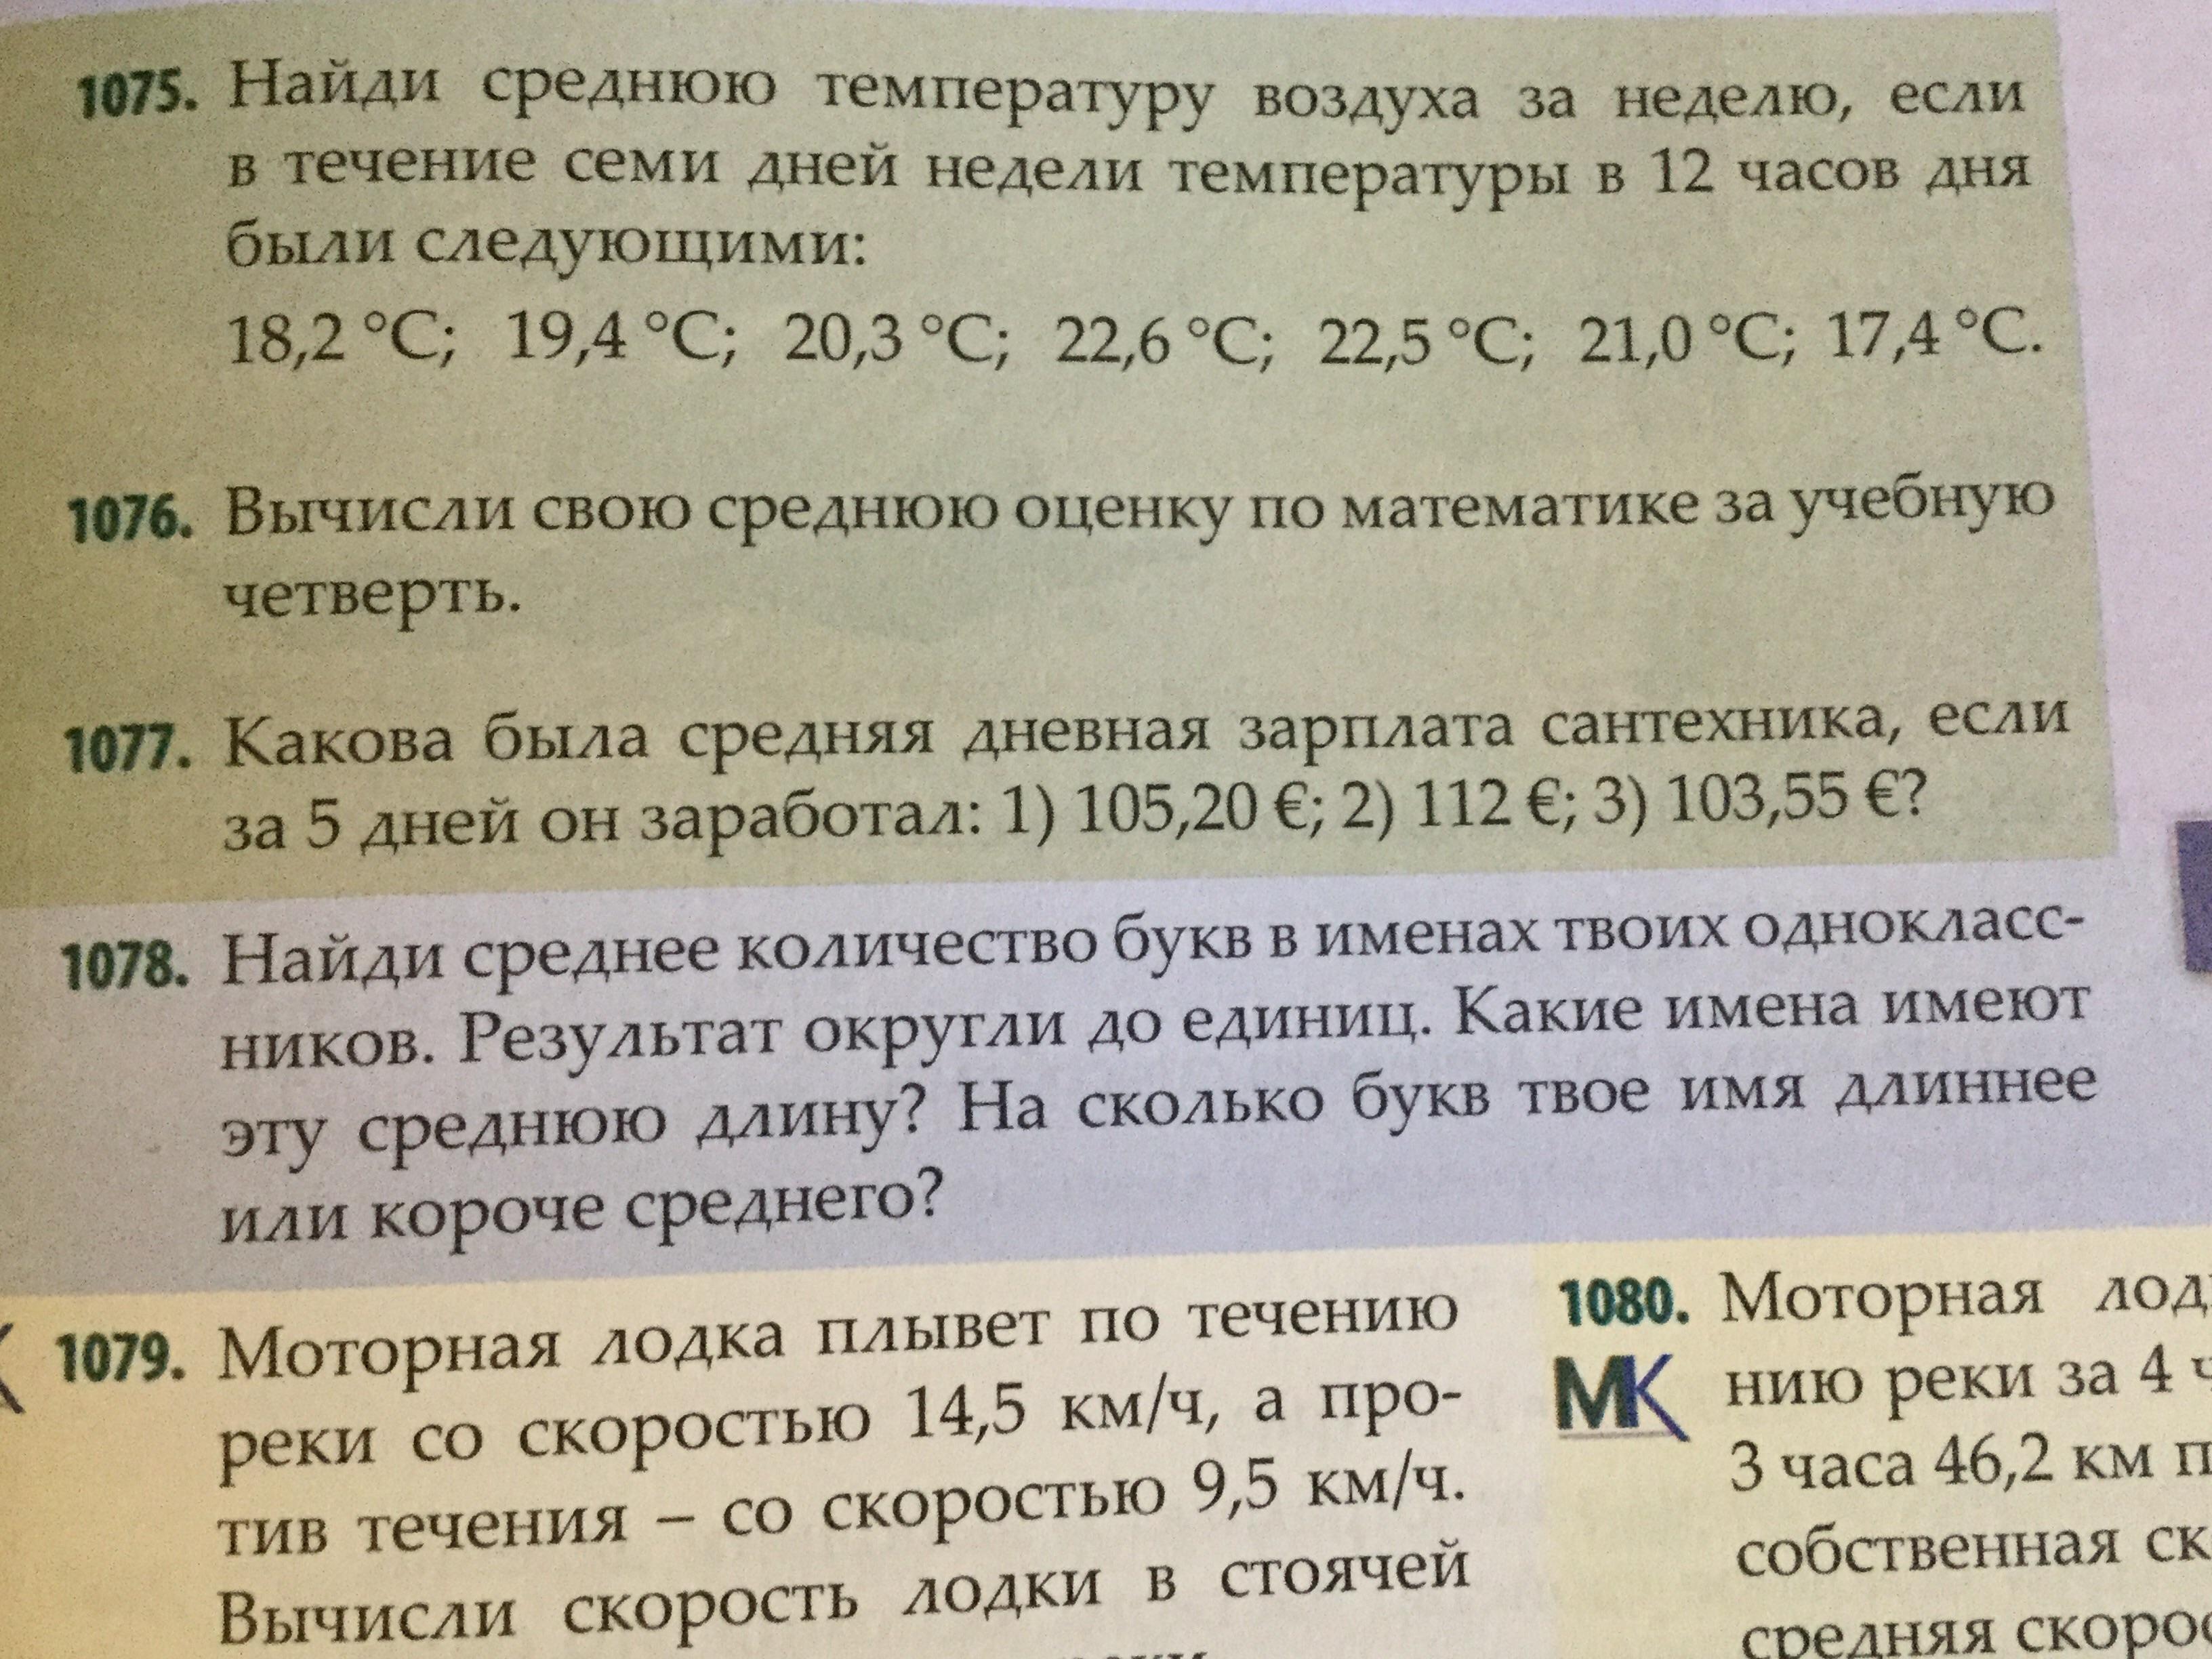 Помогите сделать математику Упр 1077